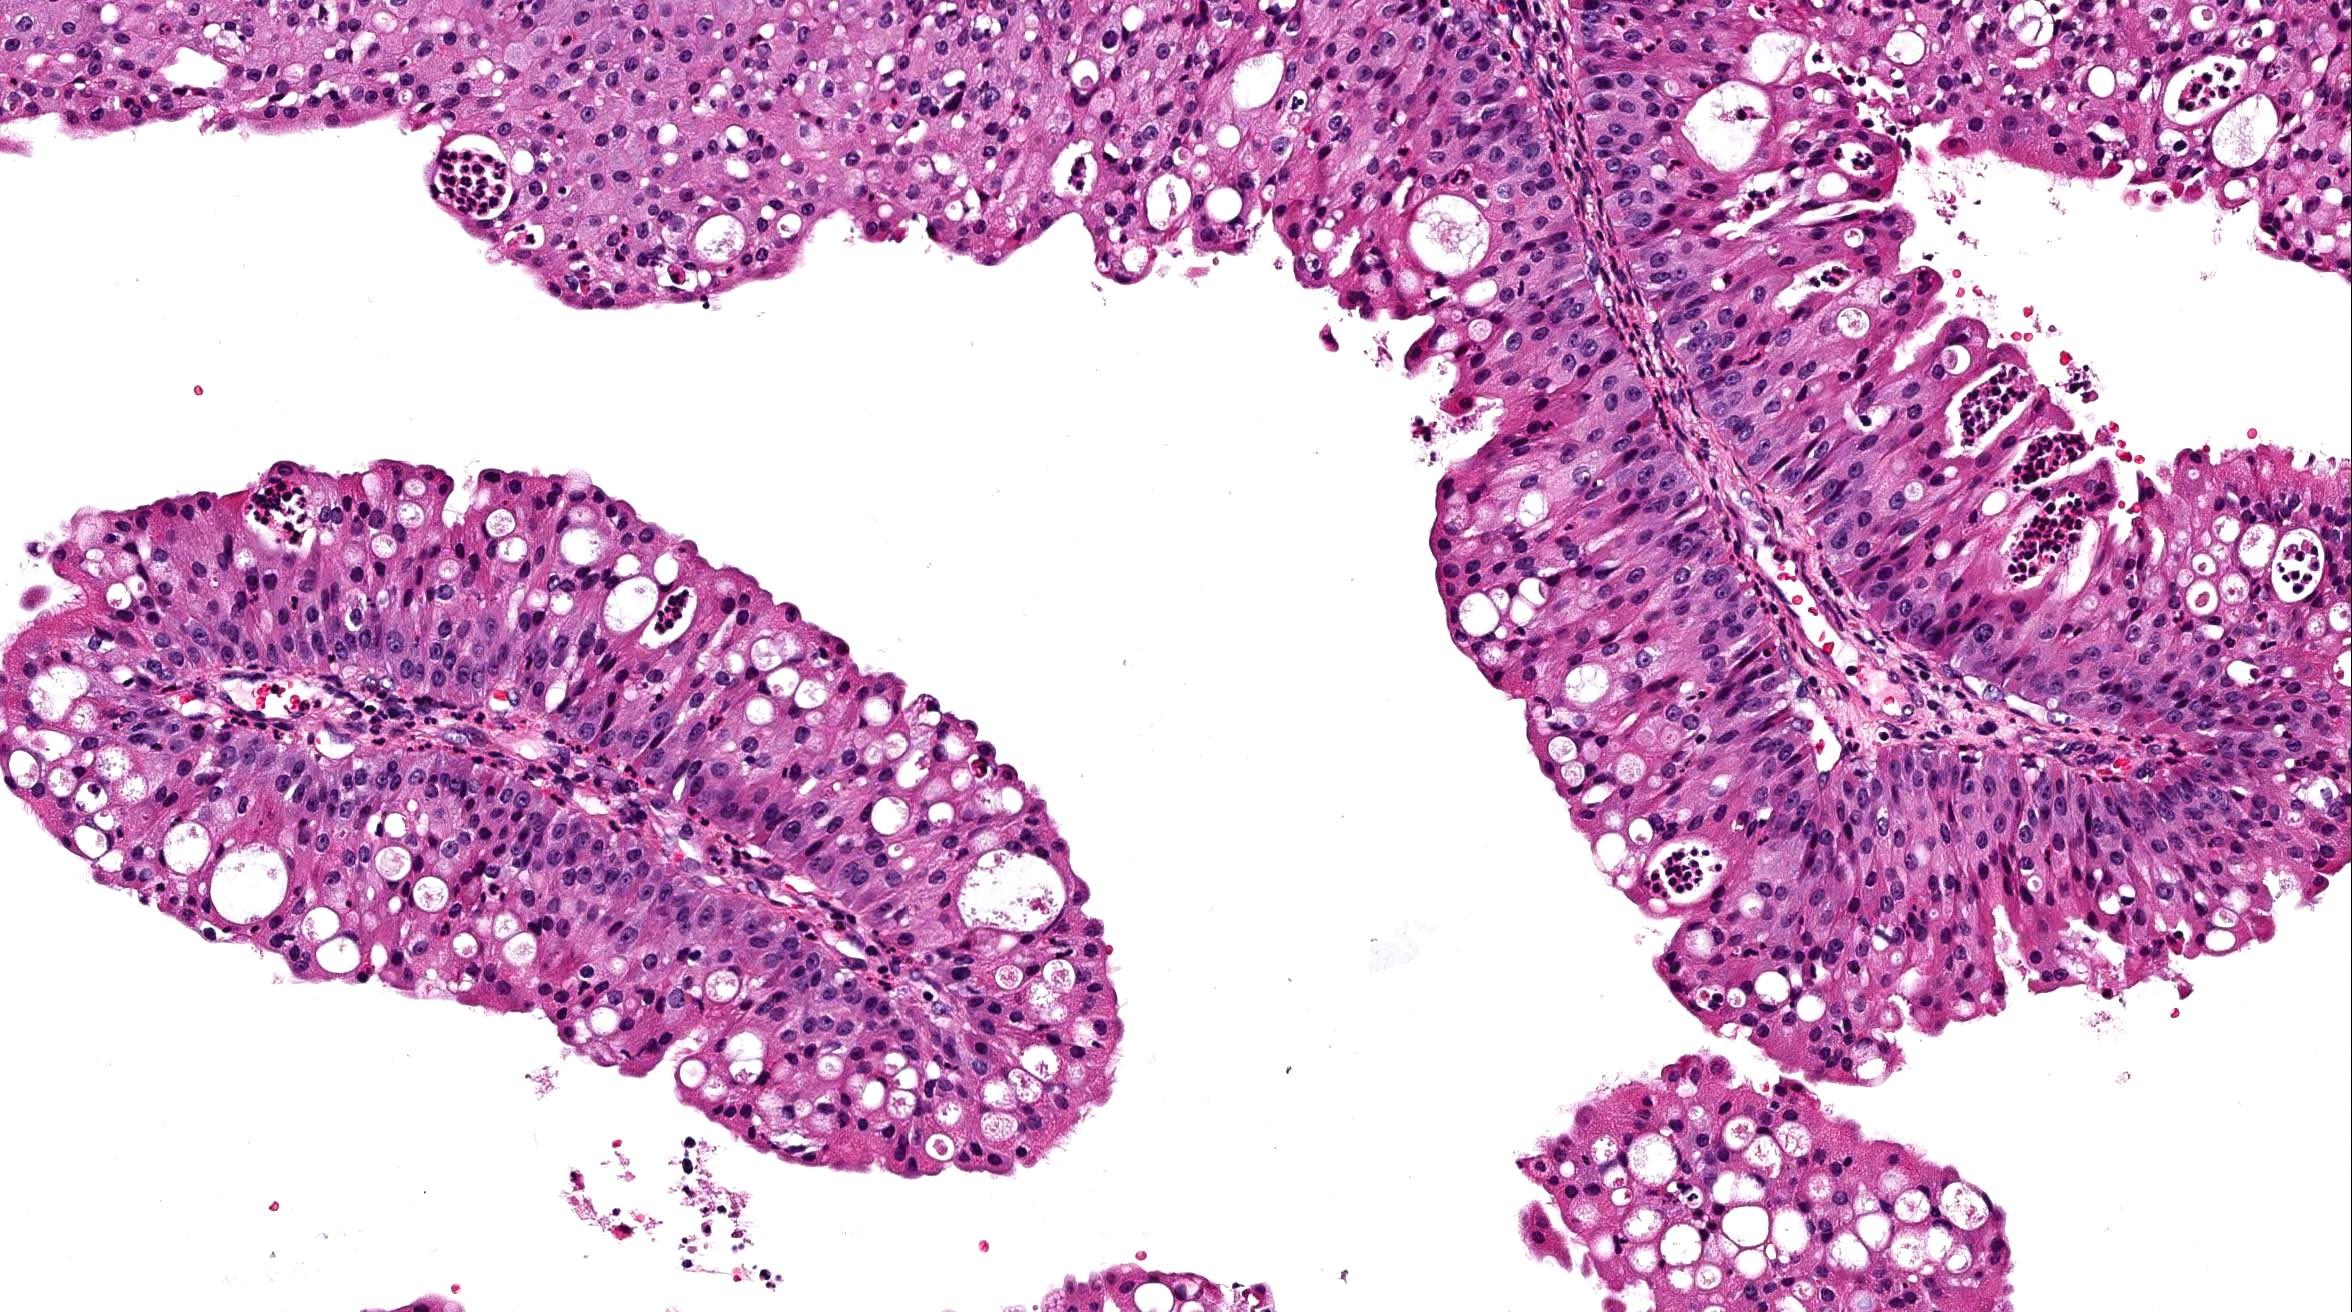 virus papilloma humano italiano hpv em lingua